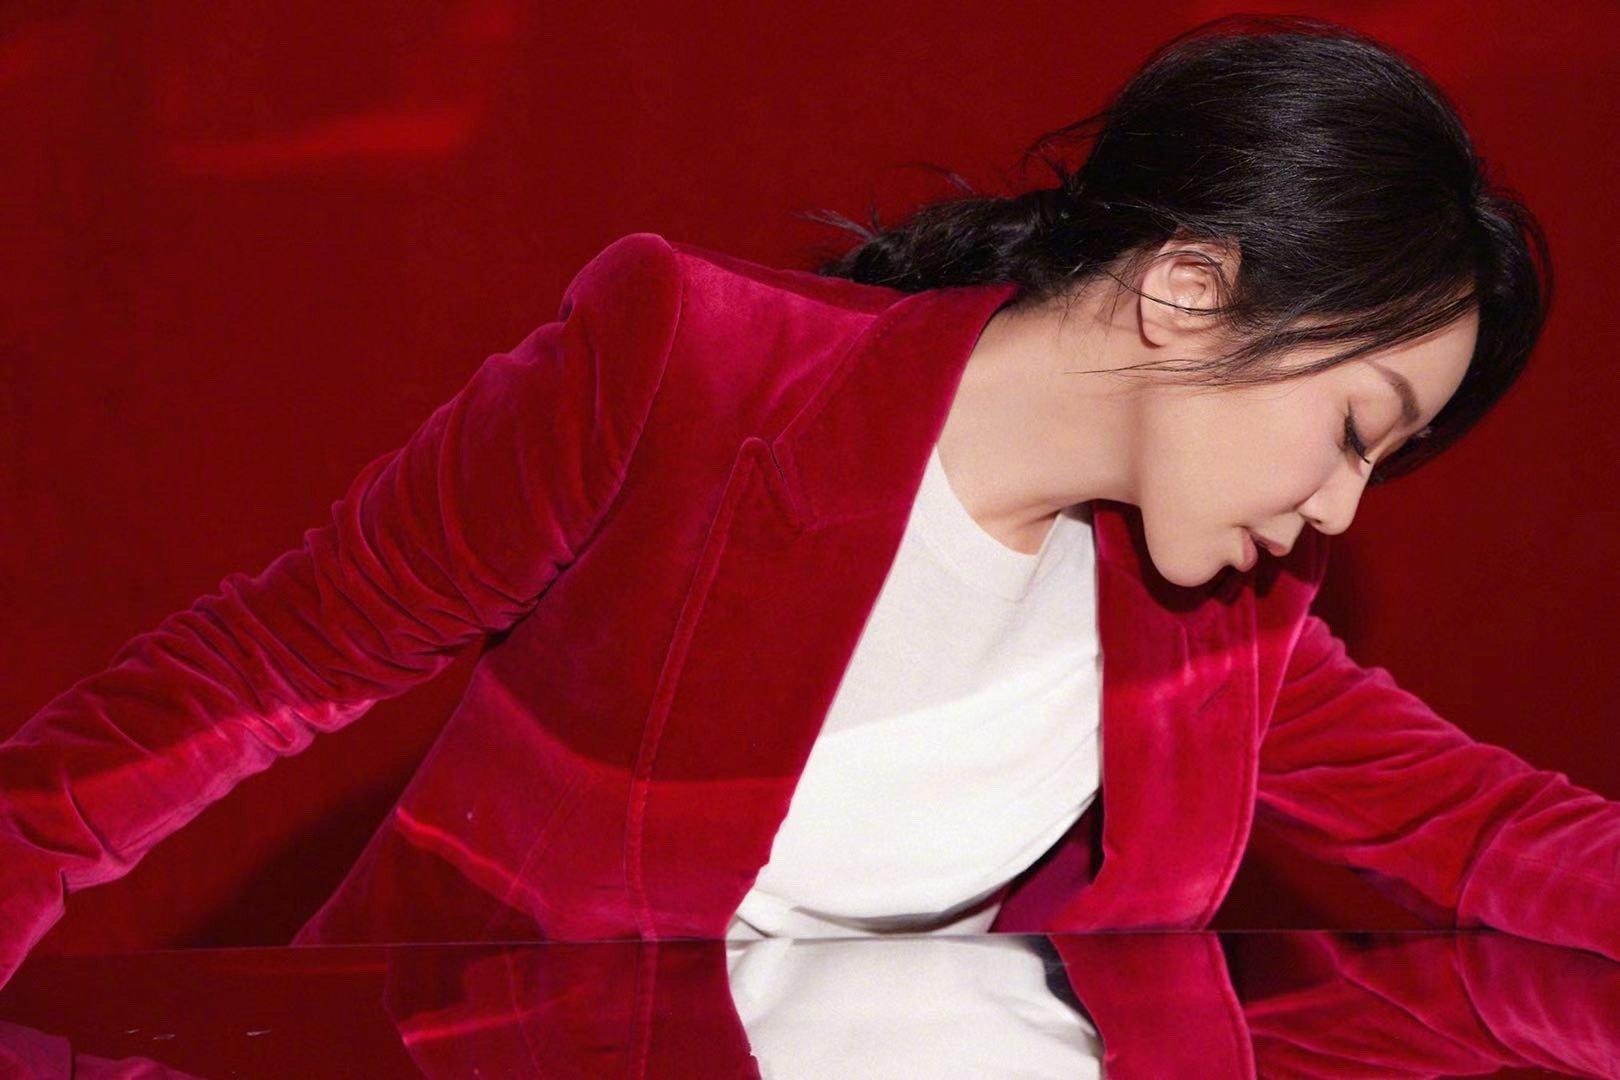 闫妮@素描闫妮 将以一身红丝绒西服裤装亮相春晚,干练裤装飒爽率性